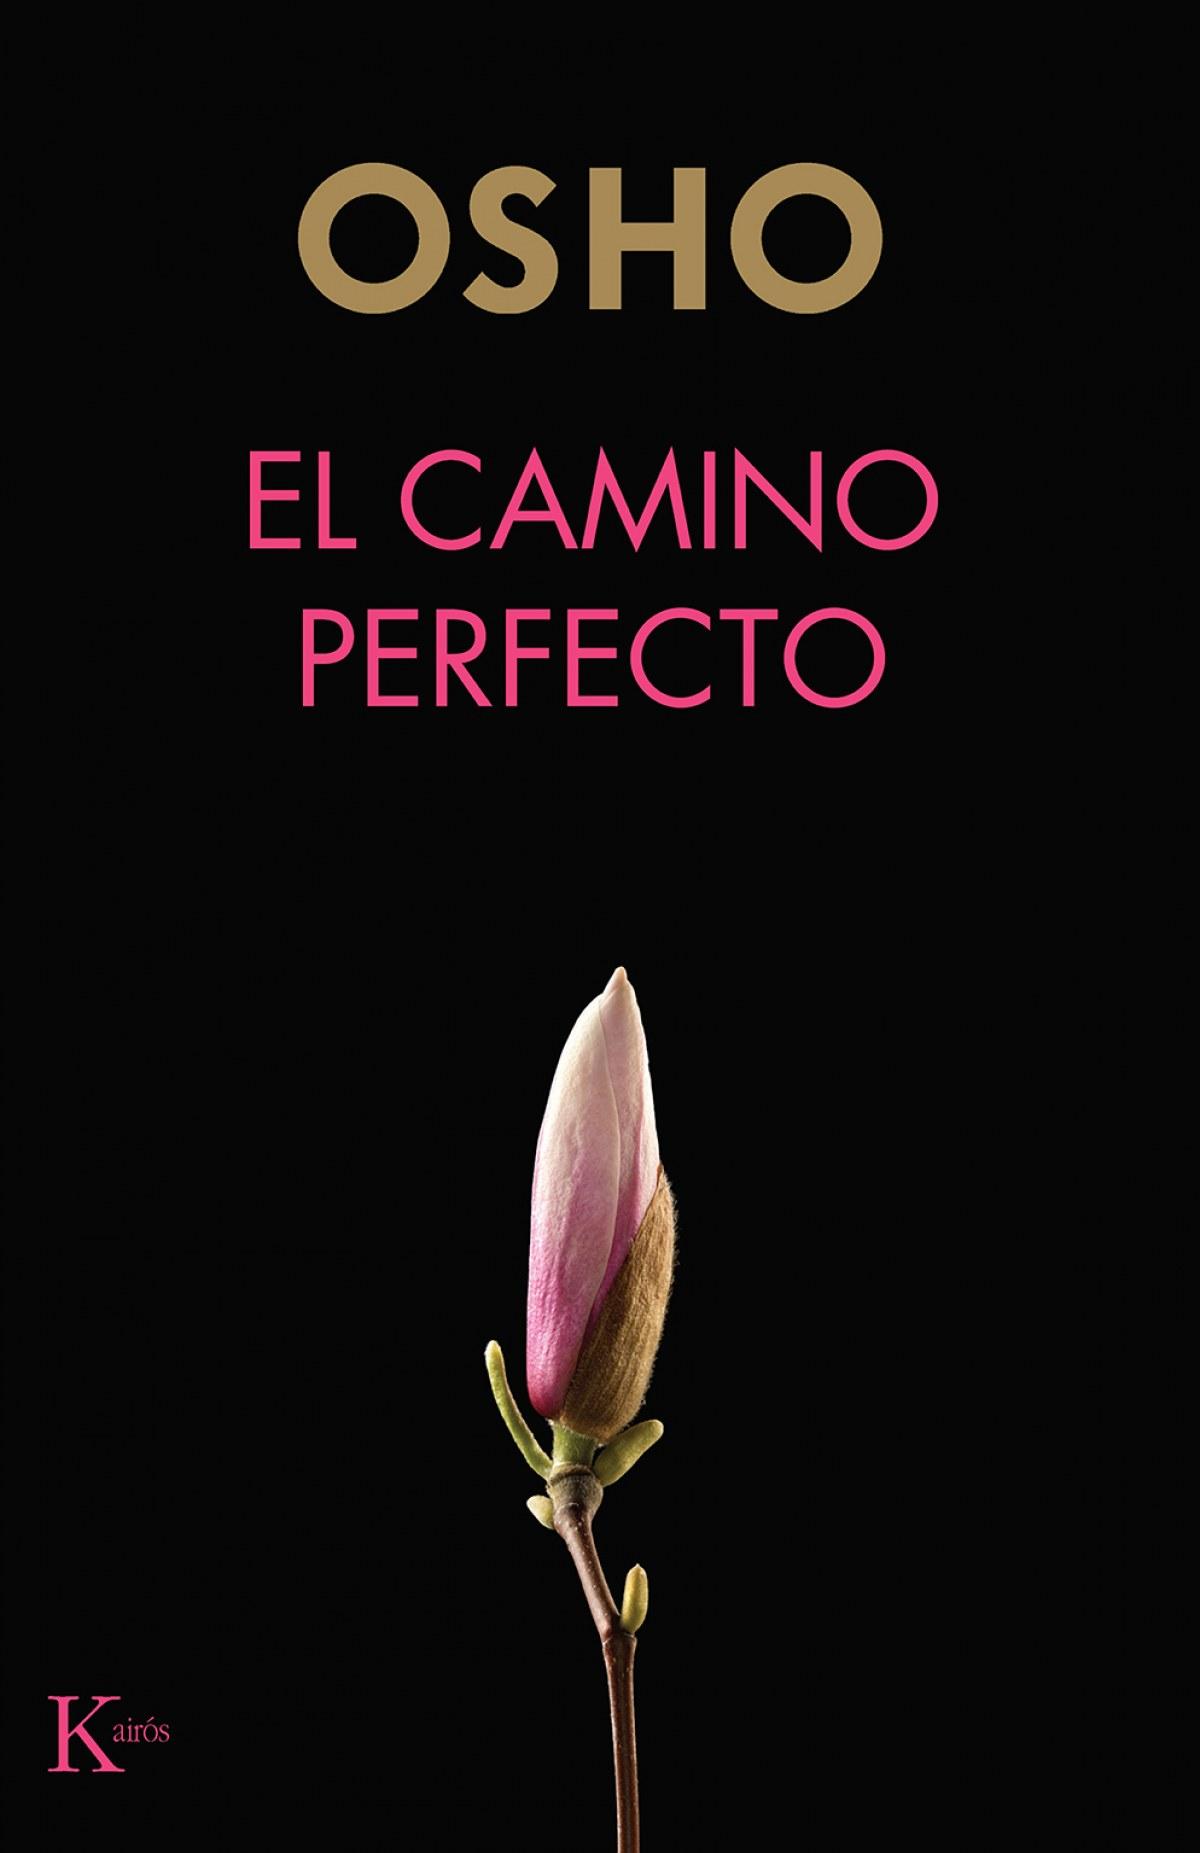 El camino perfecto